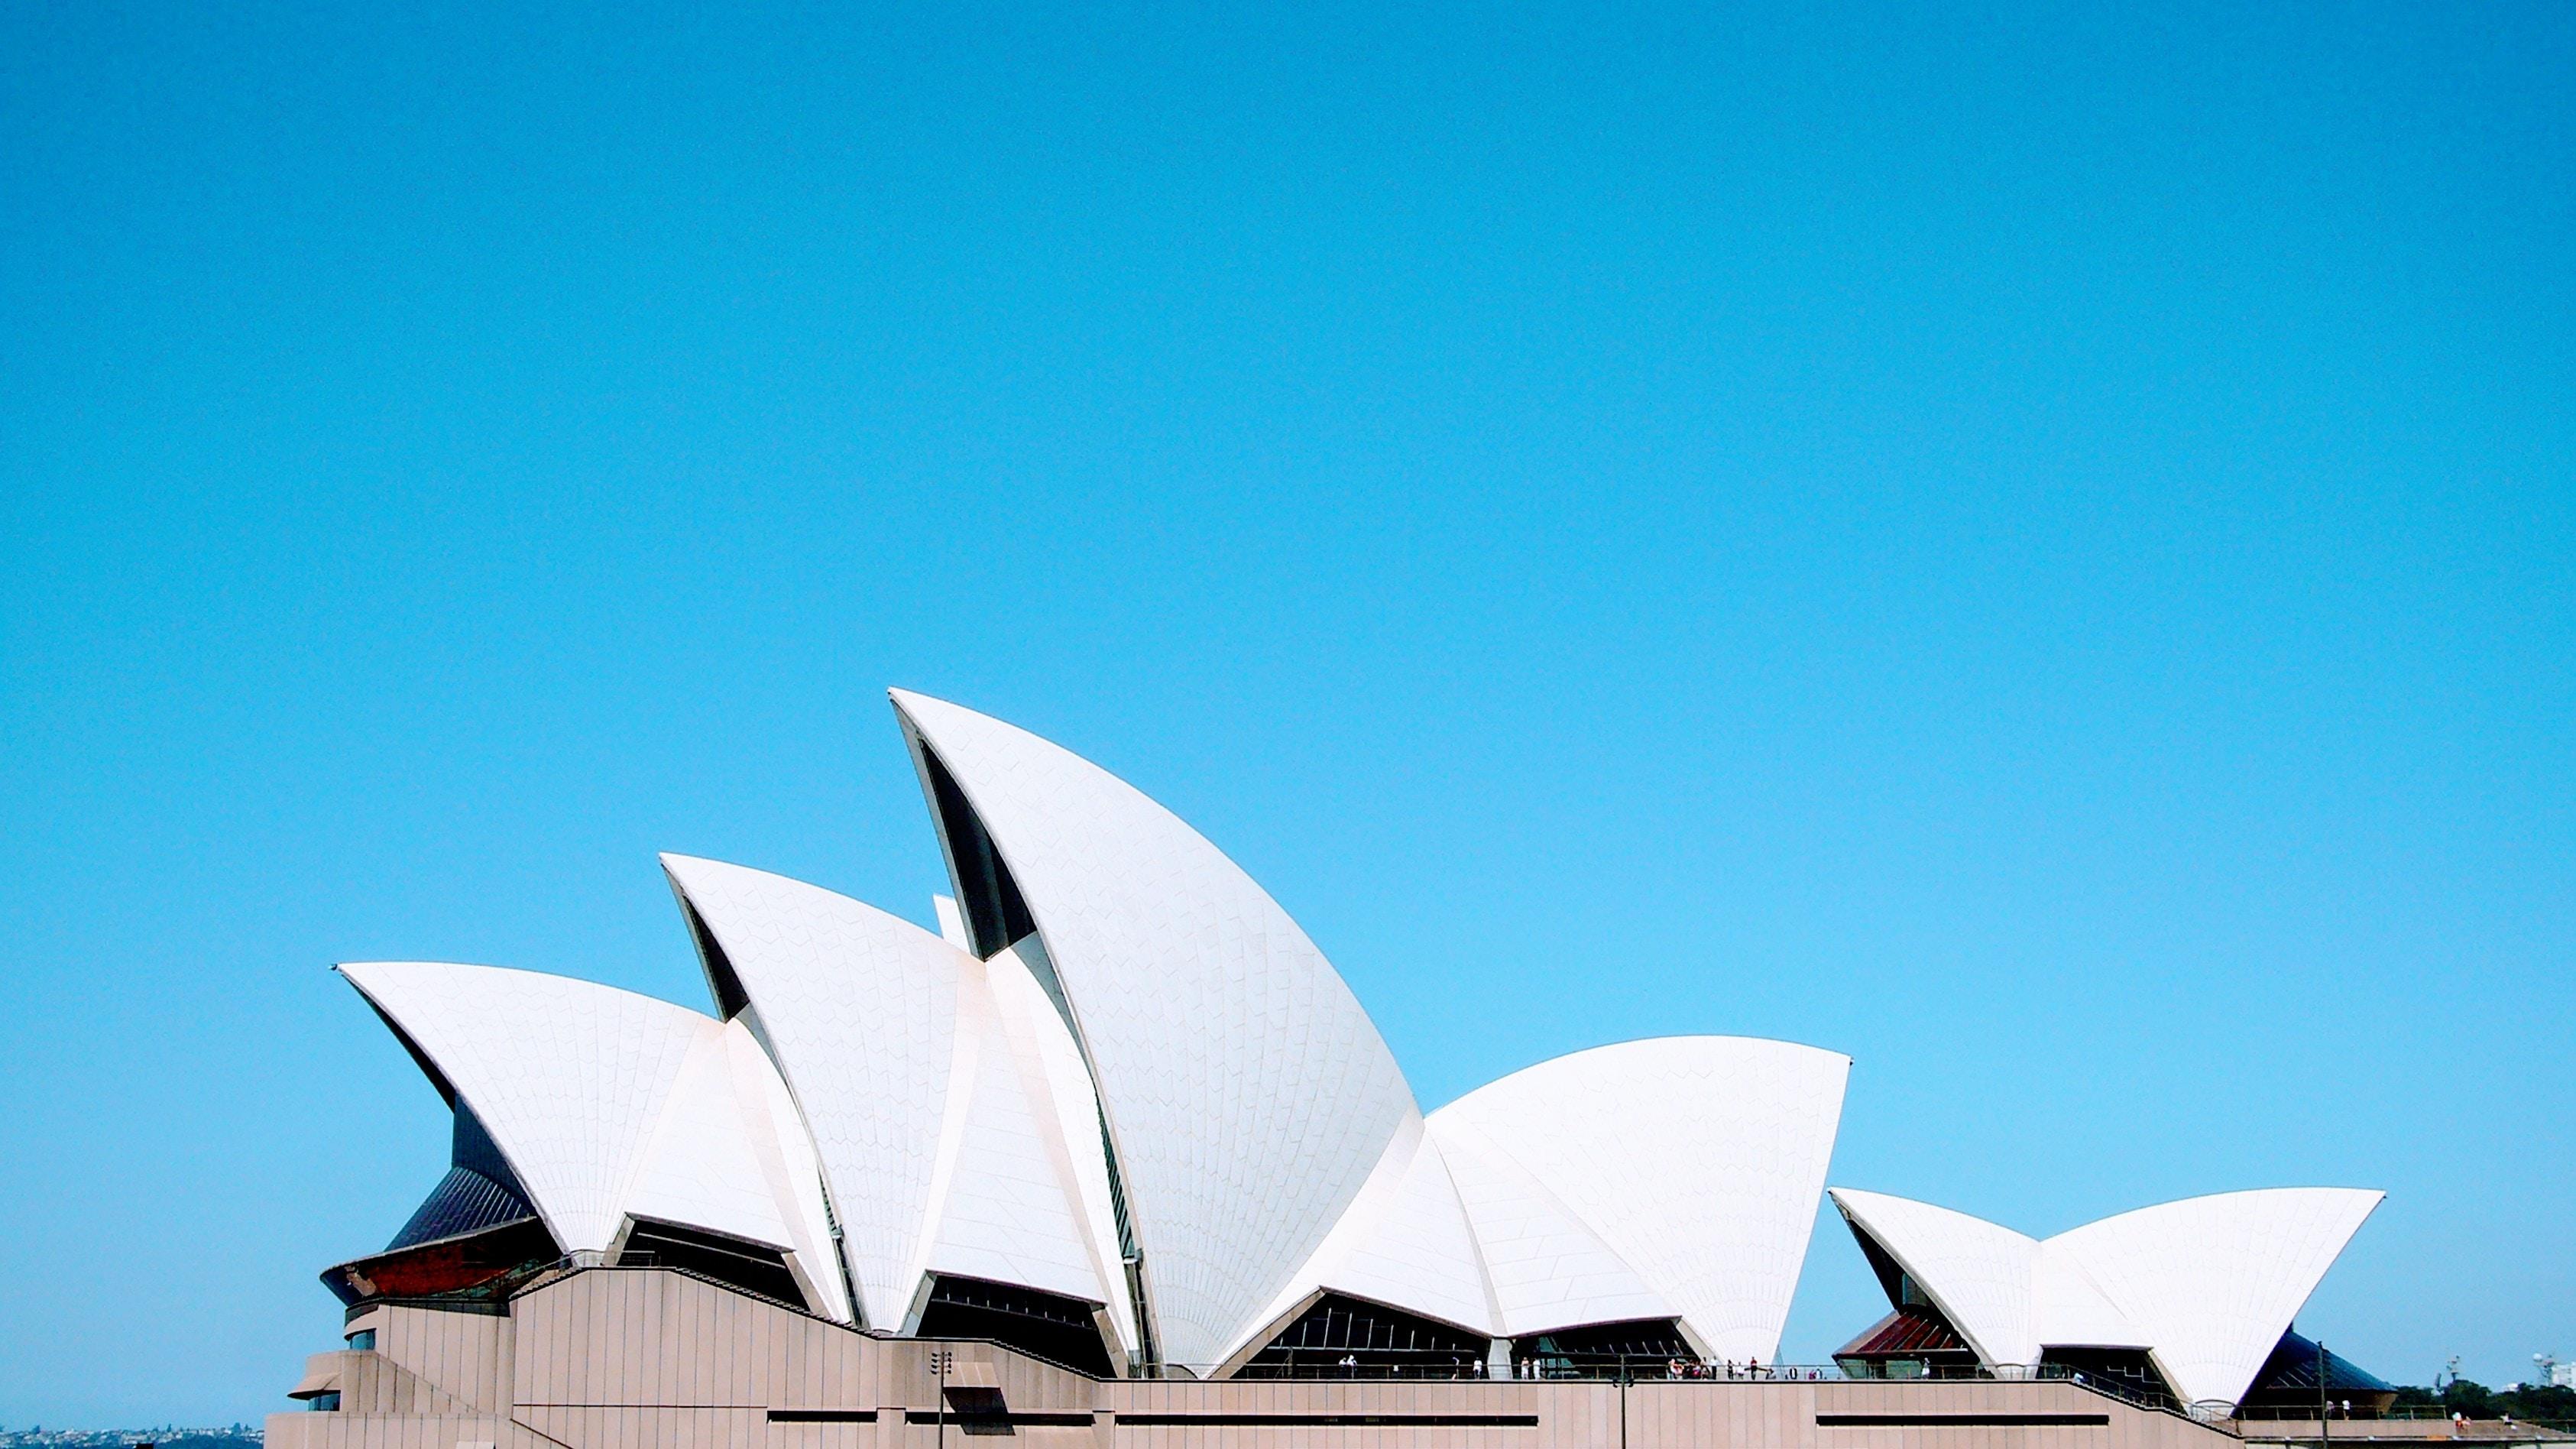 Syndey Opera House, Australia